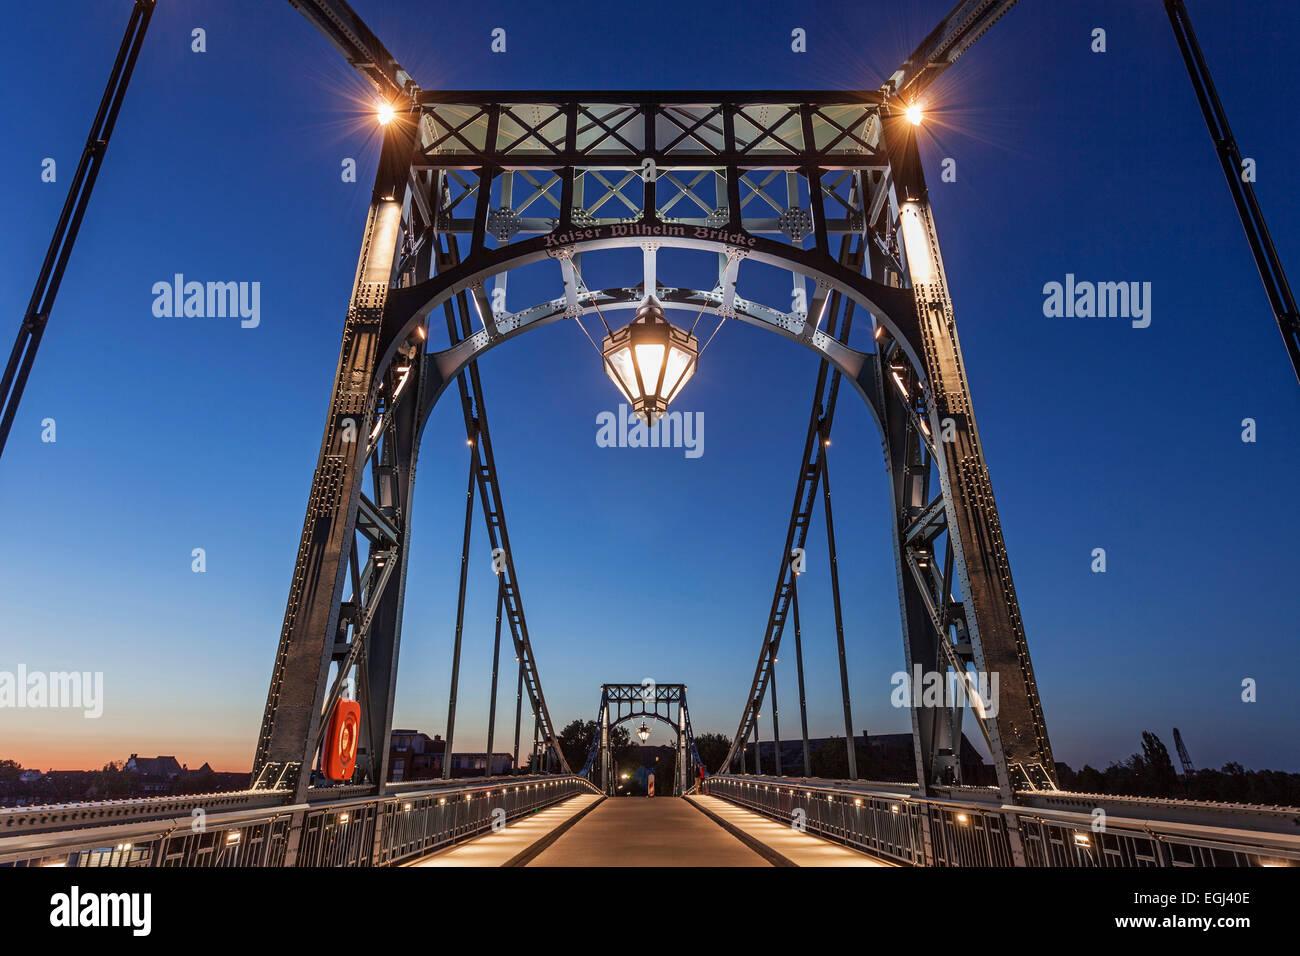 Abendstimmung, auf der Kaiser-Wilhelm-Brücke, Wilhelmshaven, Niedersachsen, Deutschland, Europa, - Stock Image